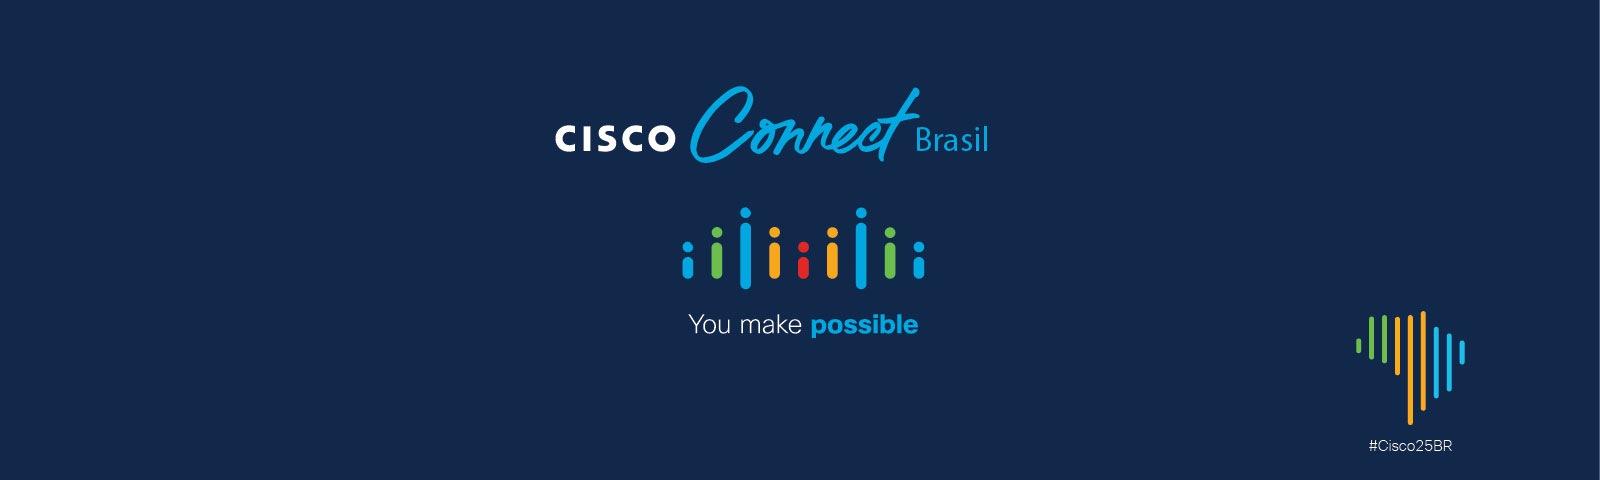 Cisco Connect 2019, 3 de Outubro - Cisco - Cisco